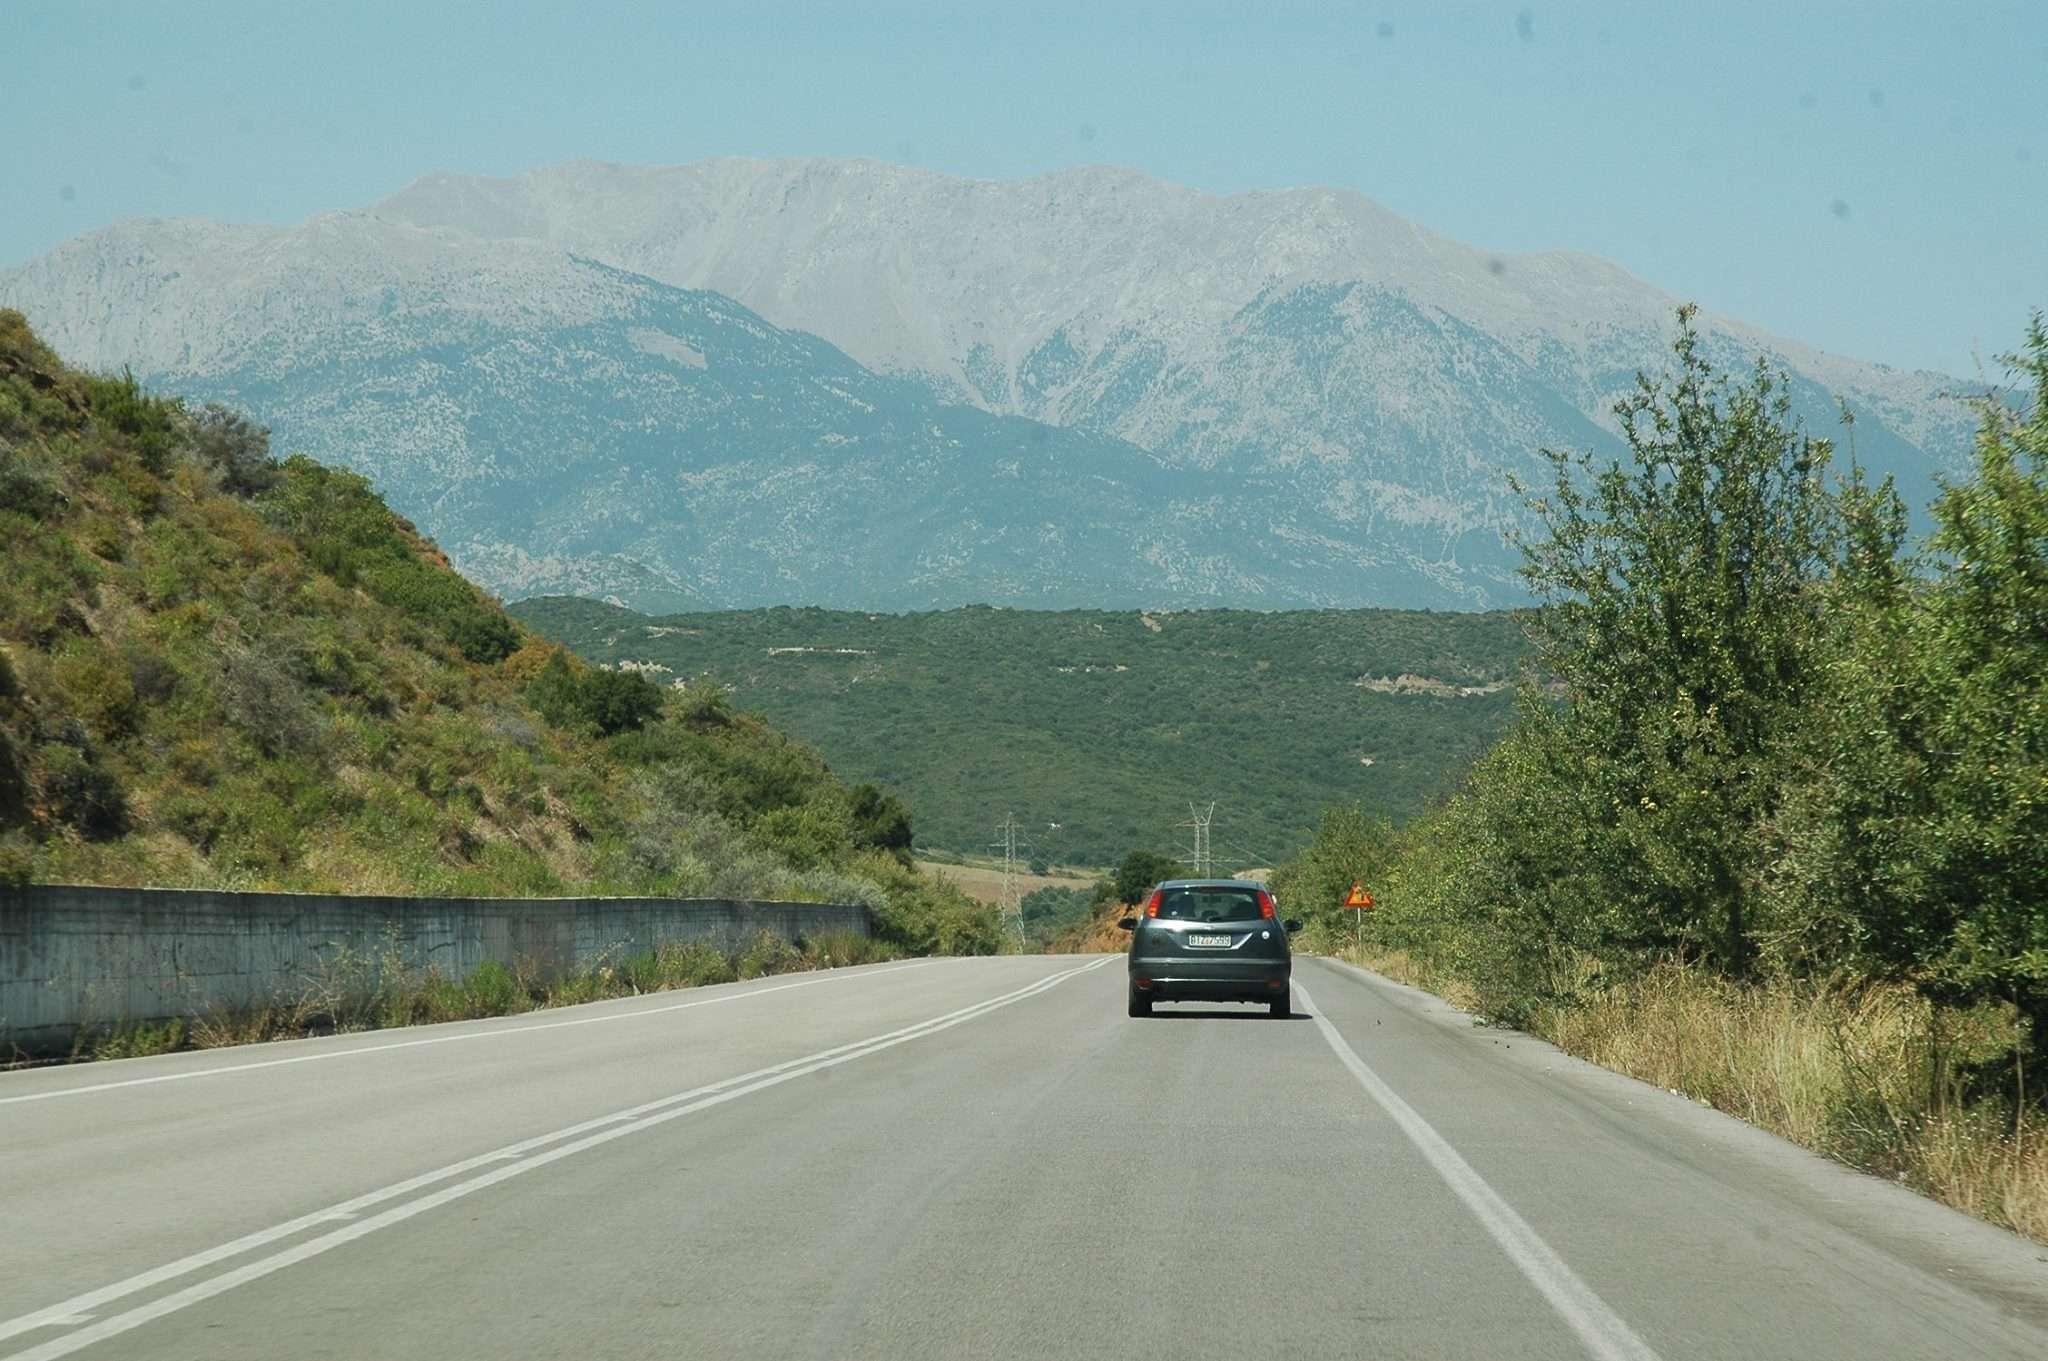 The scenic drive to Delphi